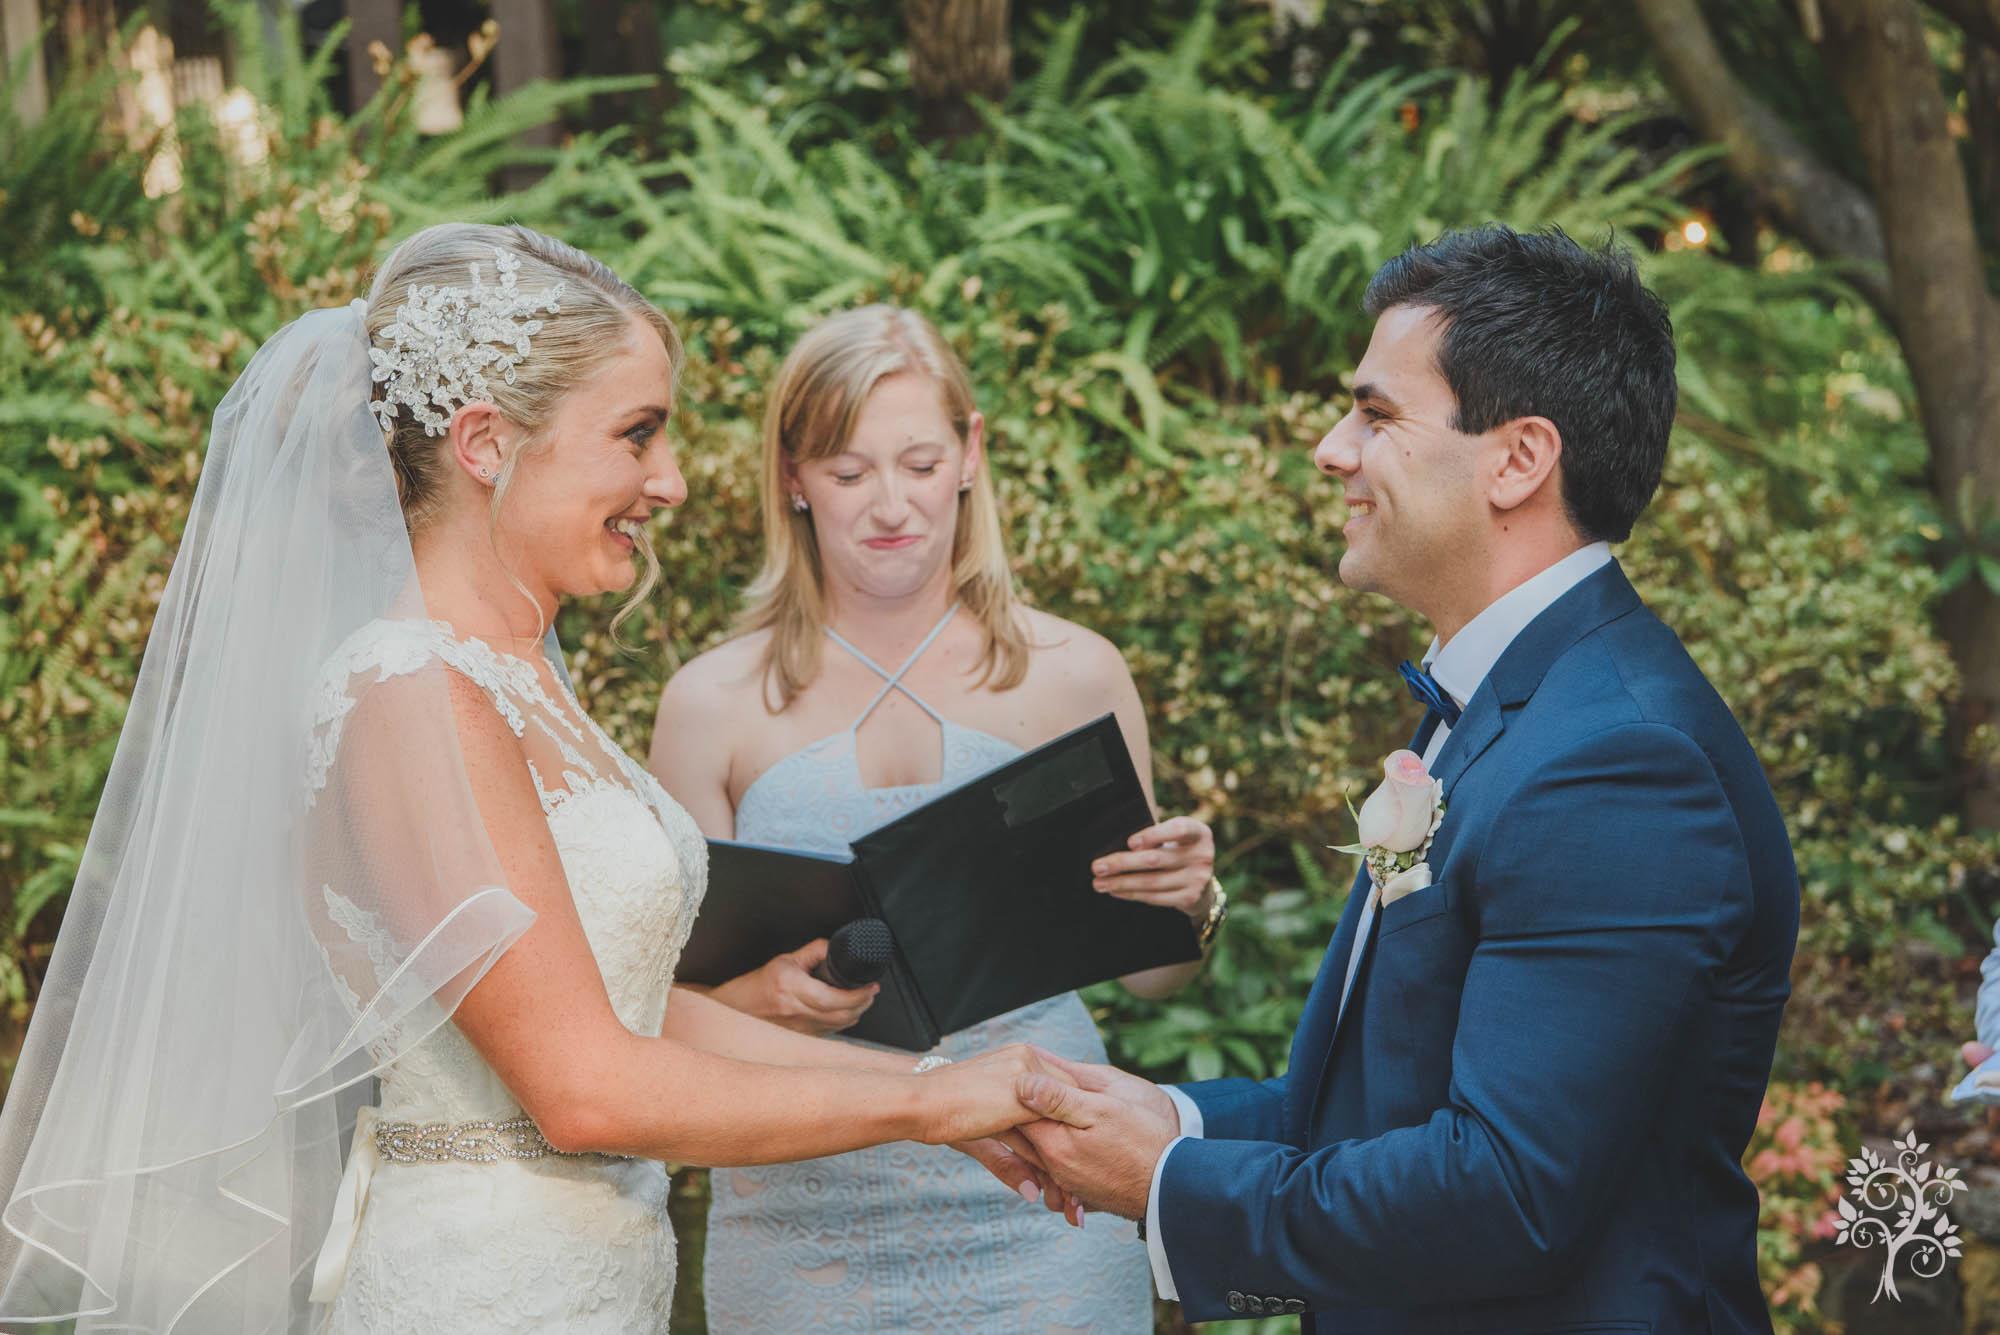 Renea and Jason's Wedding at Chateau Wyuna